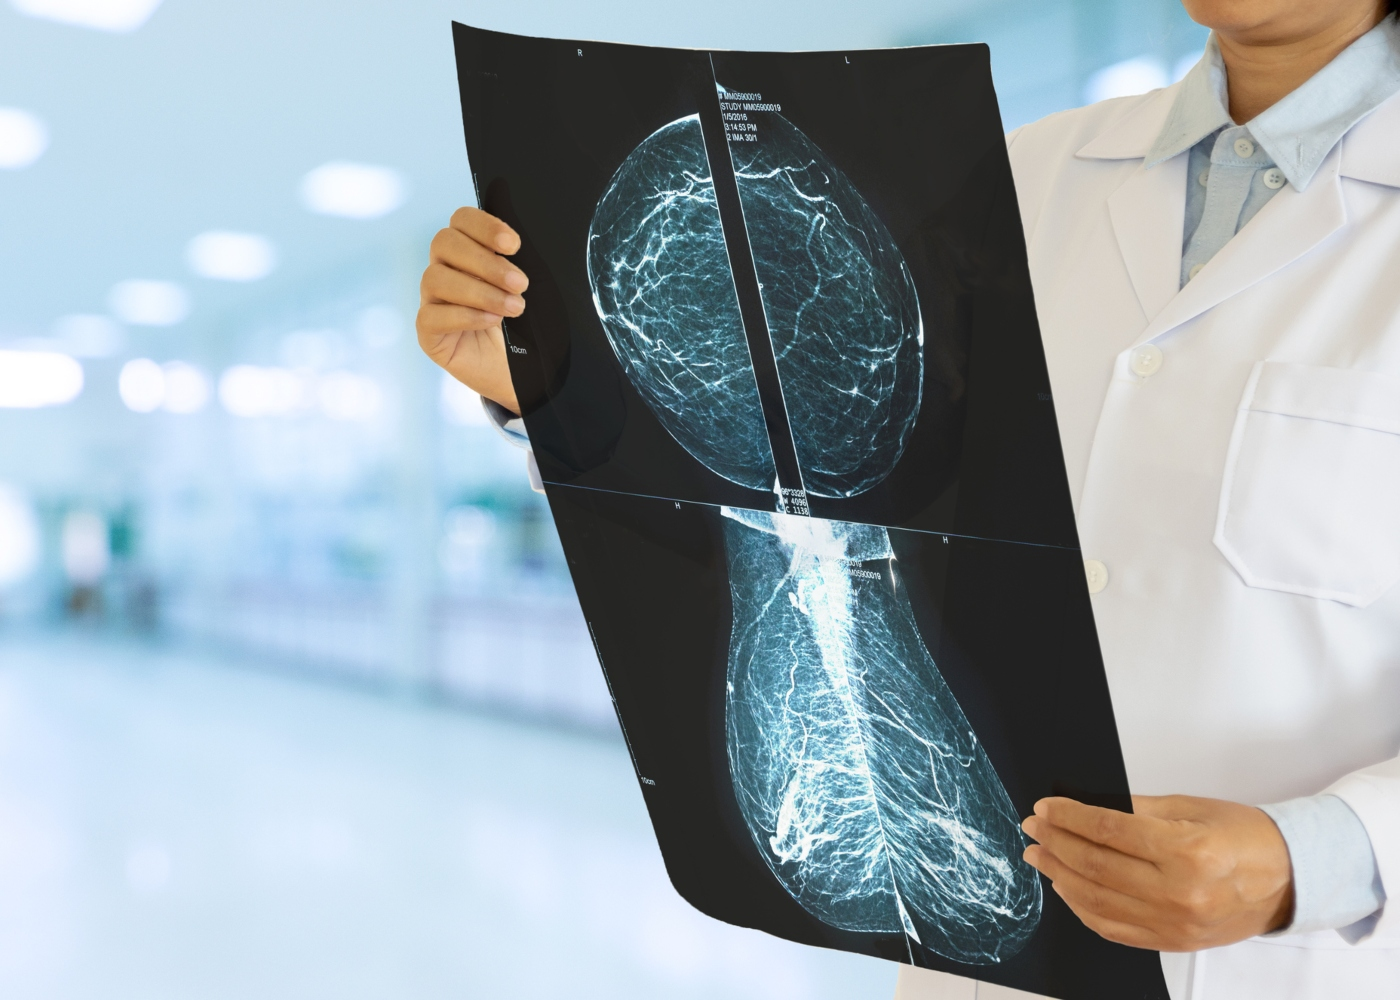 Médico a avaliar resultados de mamografia